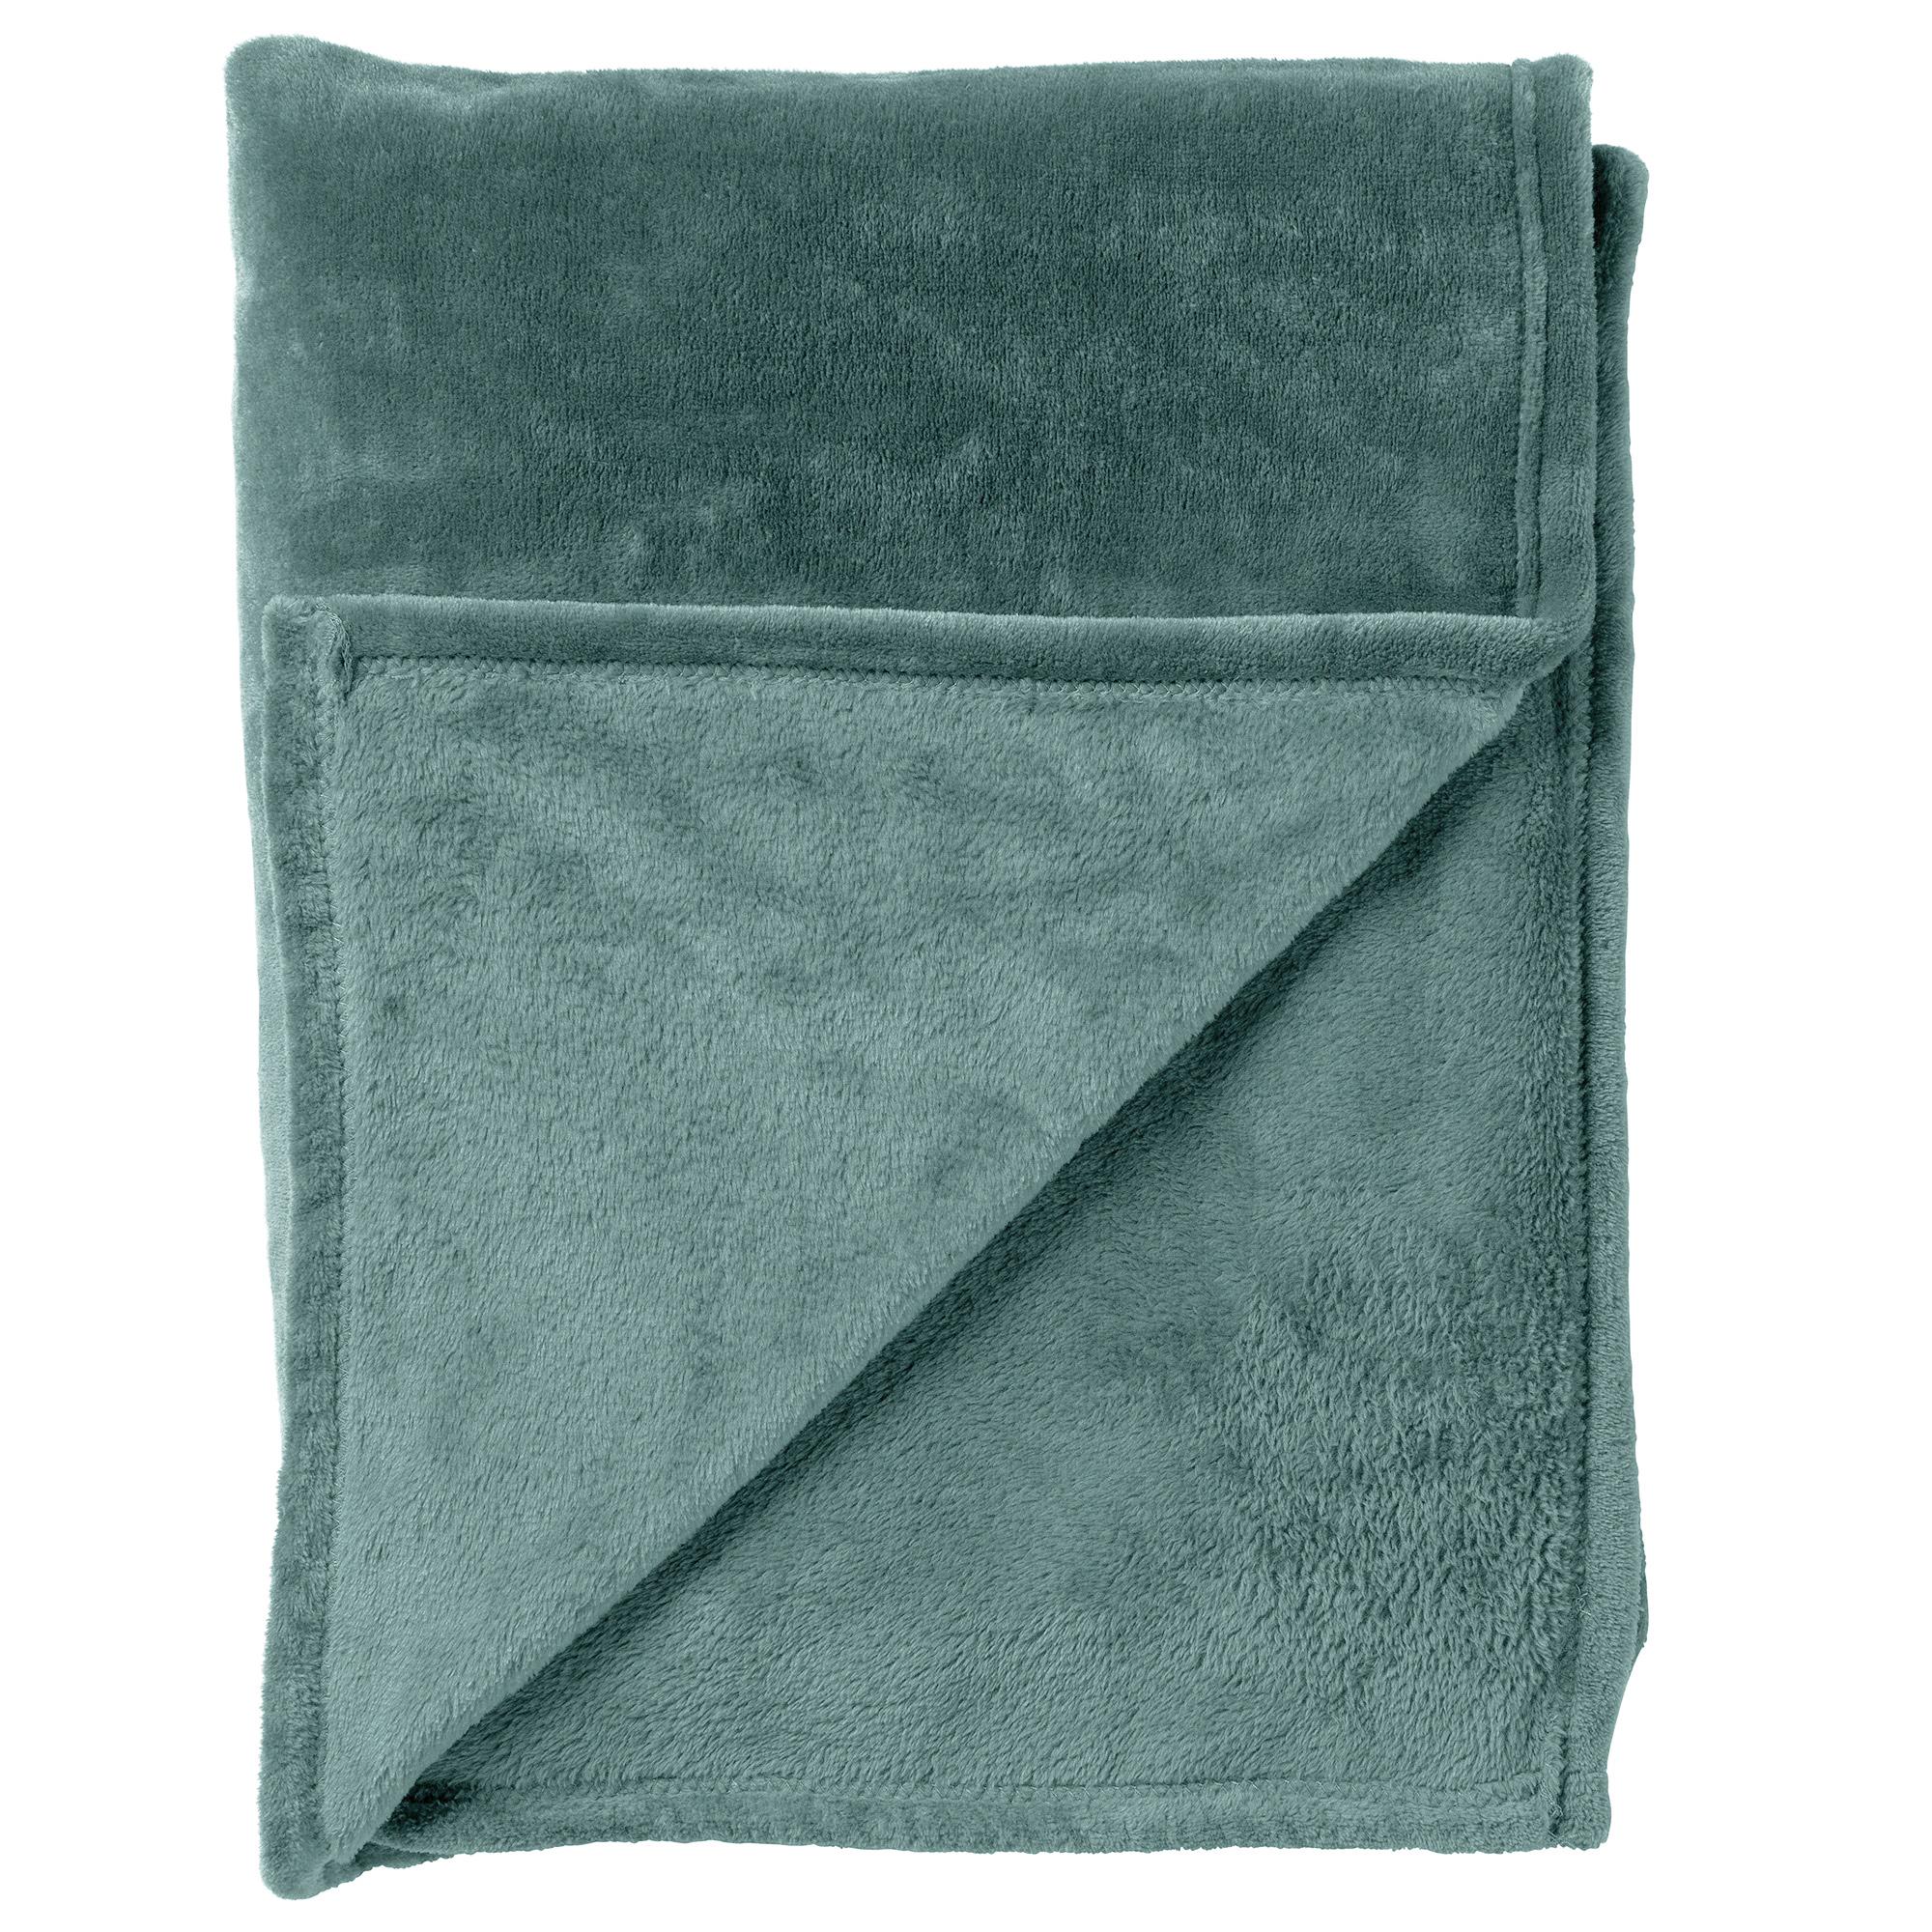 CHARLIE - Plaid Sagebrush Green 200x220 cm